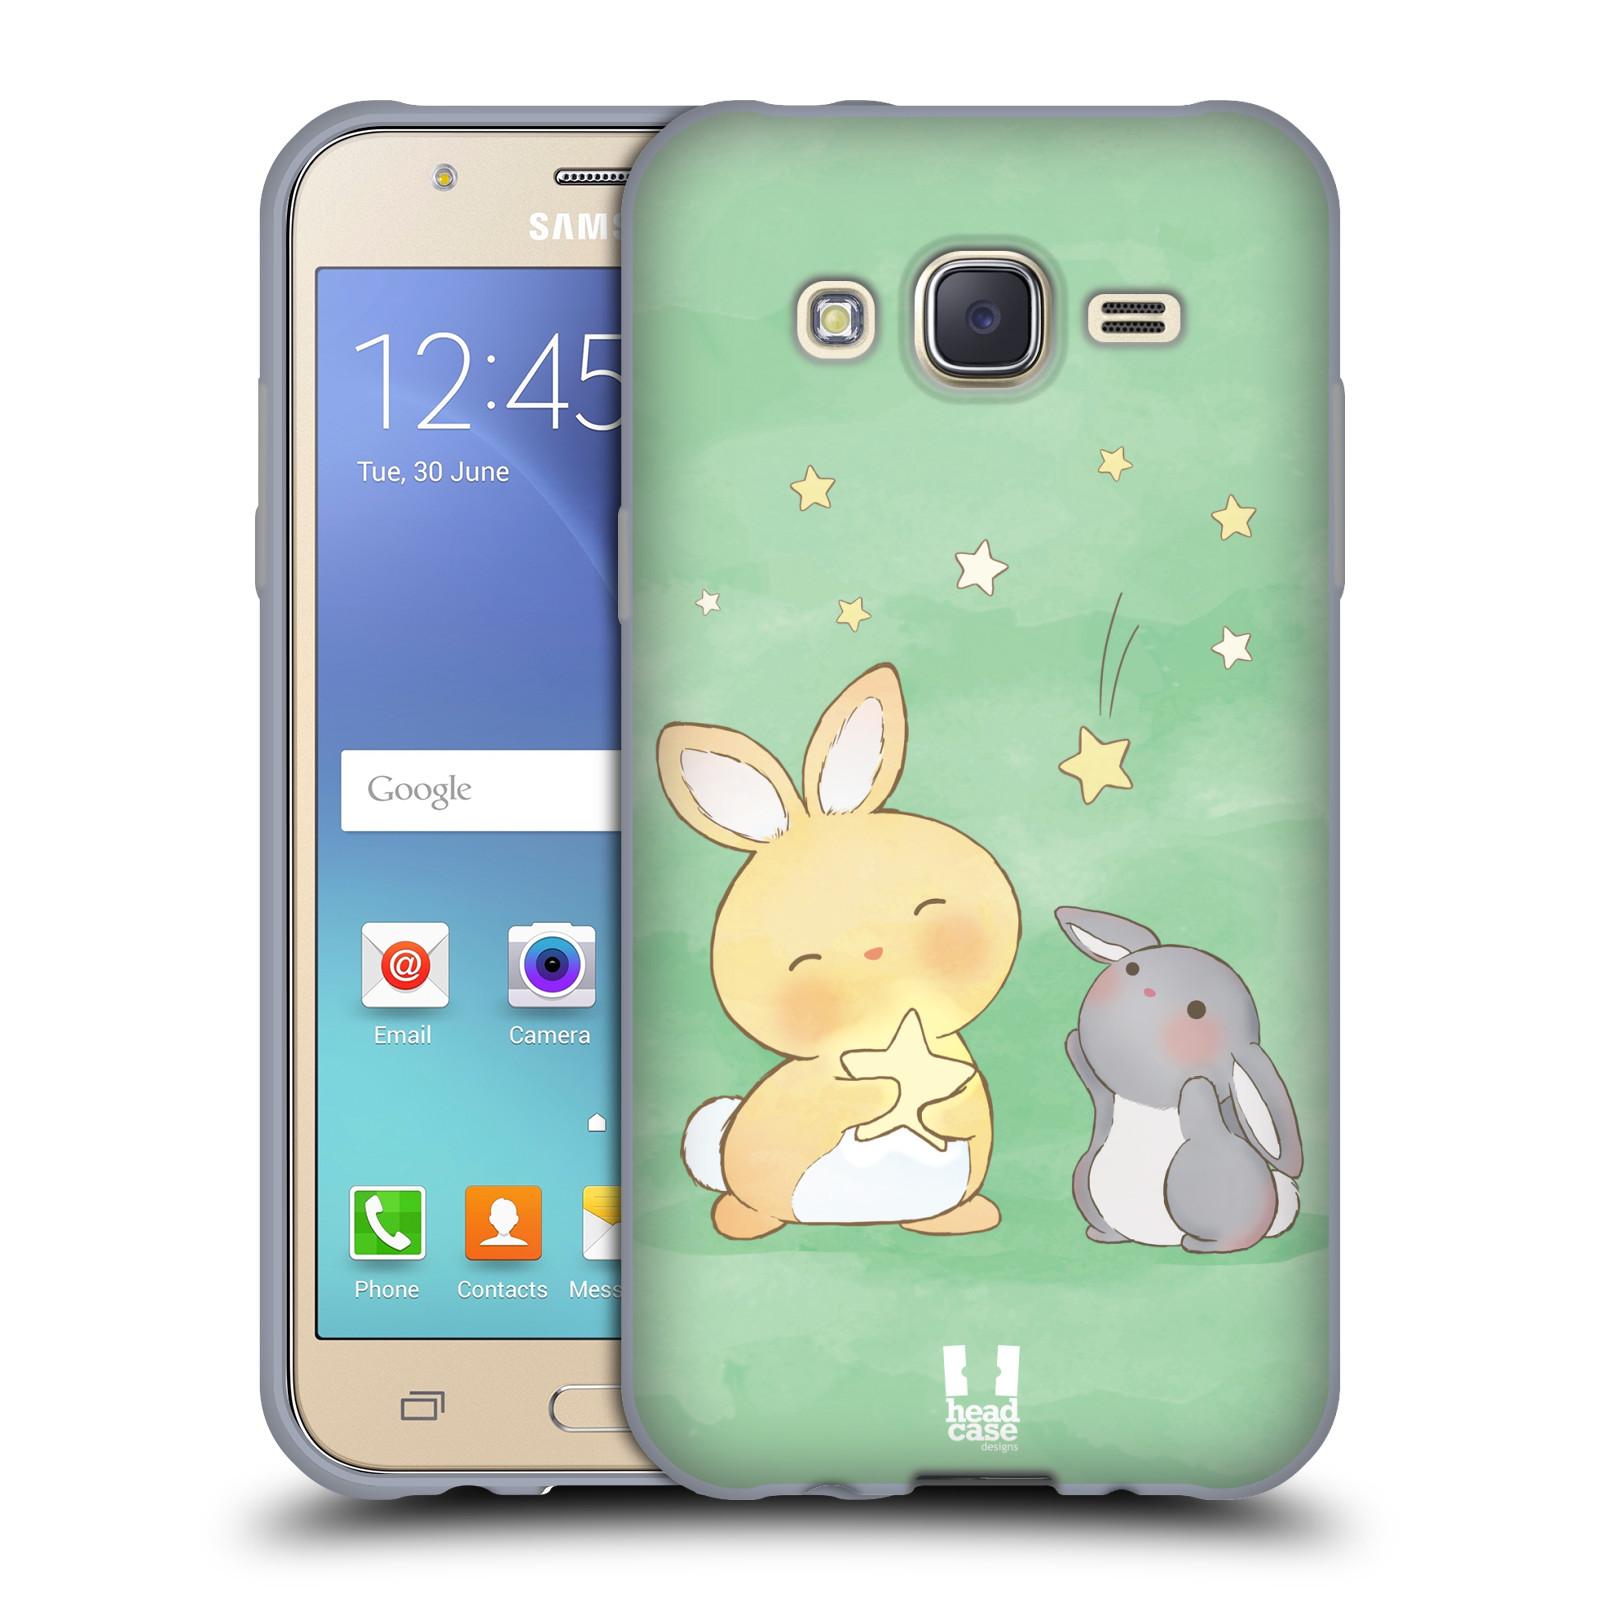 HEAD CASE silikonový obal na mobil Samsung Galaxy J5, J500, (J5 DUOS) vzor králíček a hvězdy zelená